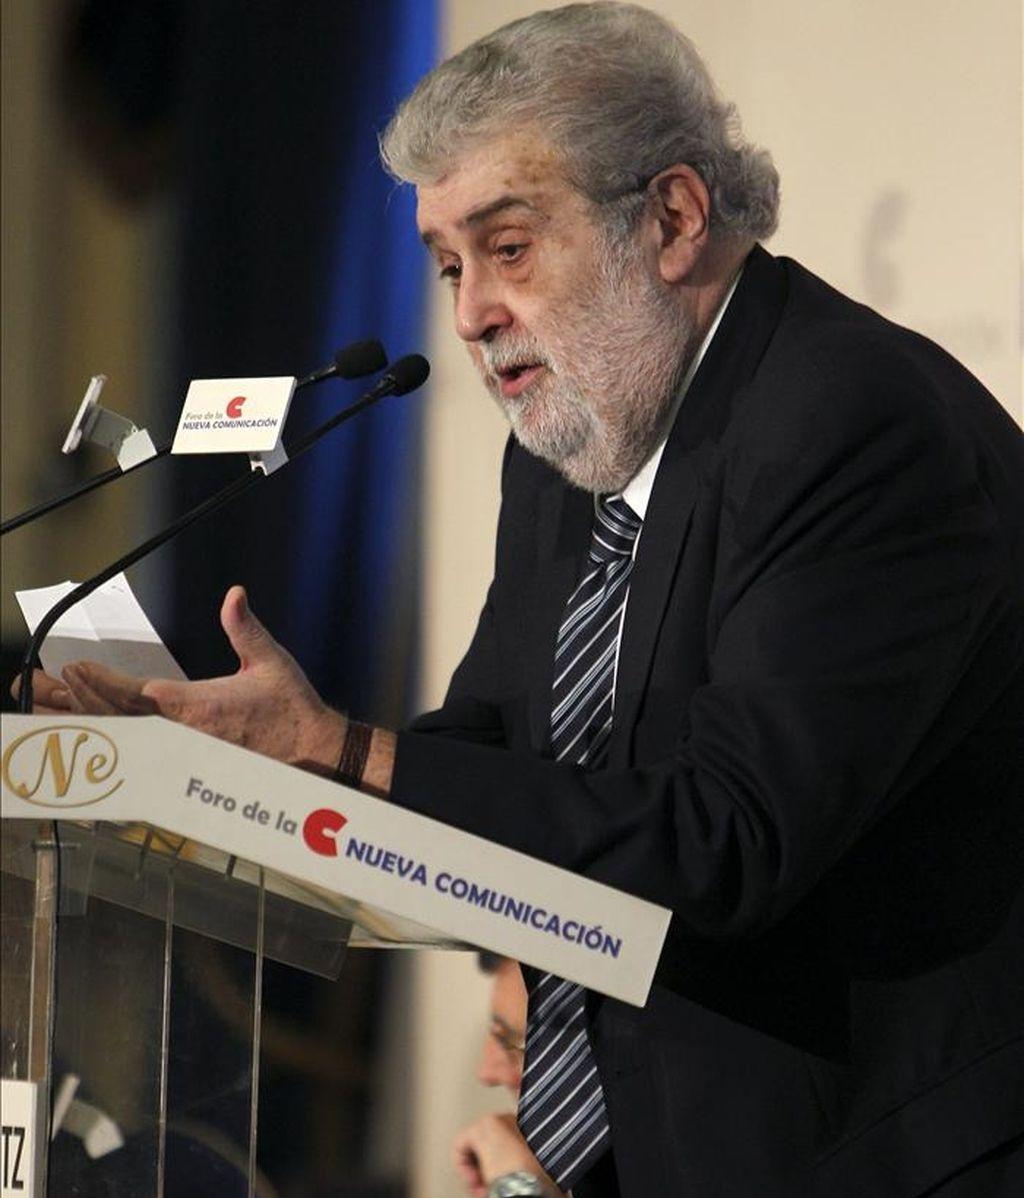 El presidente del Grupo Planeta y de Antena 3 Televisión, José Manuel Lara Bosch. EFE/Archivo